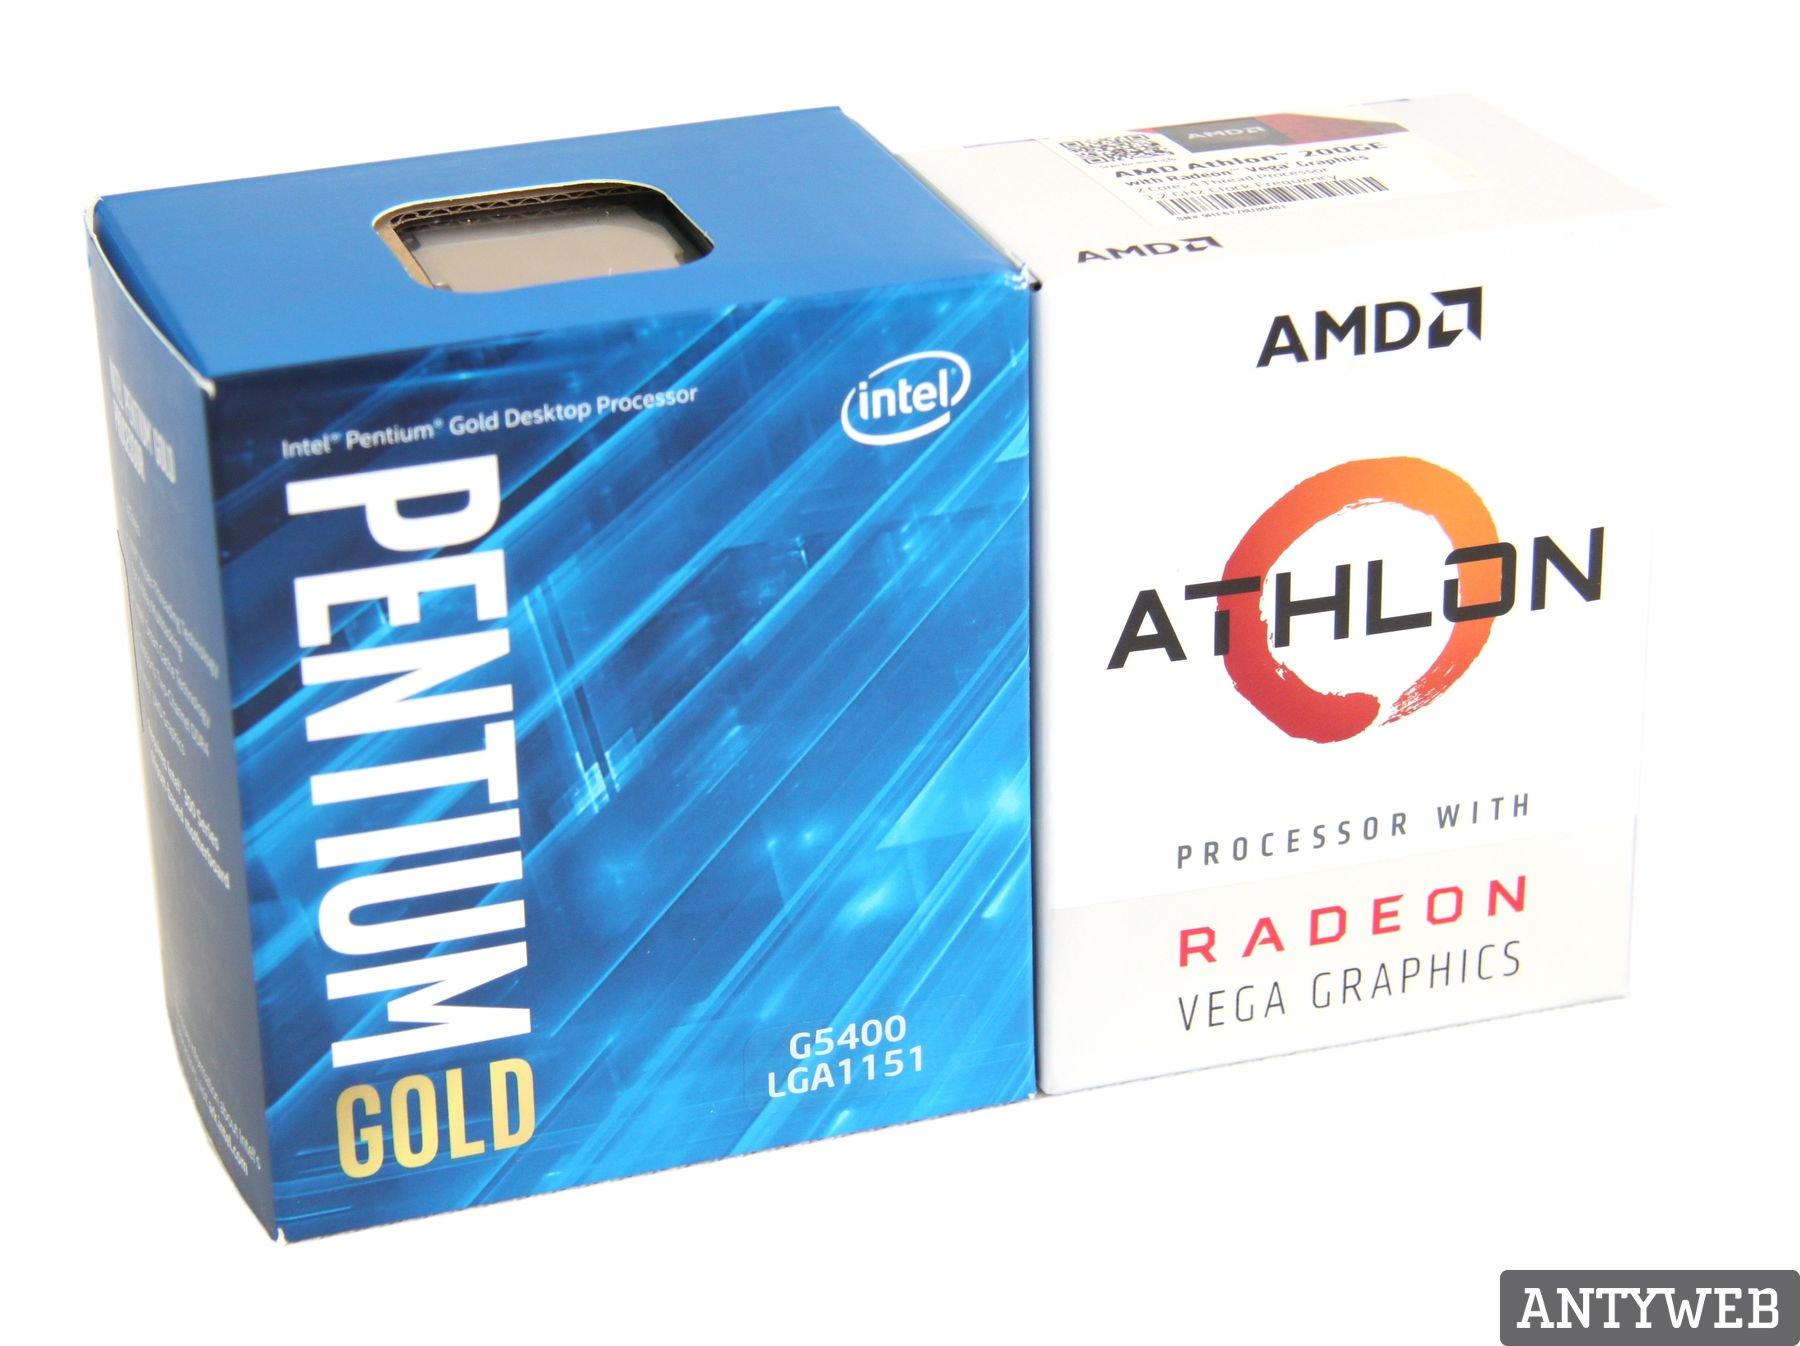 AMD Athlon 200GE Pentium G5400